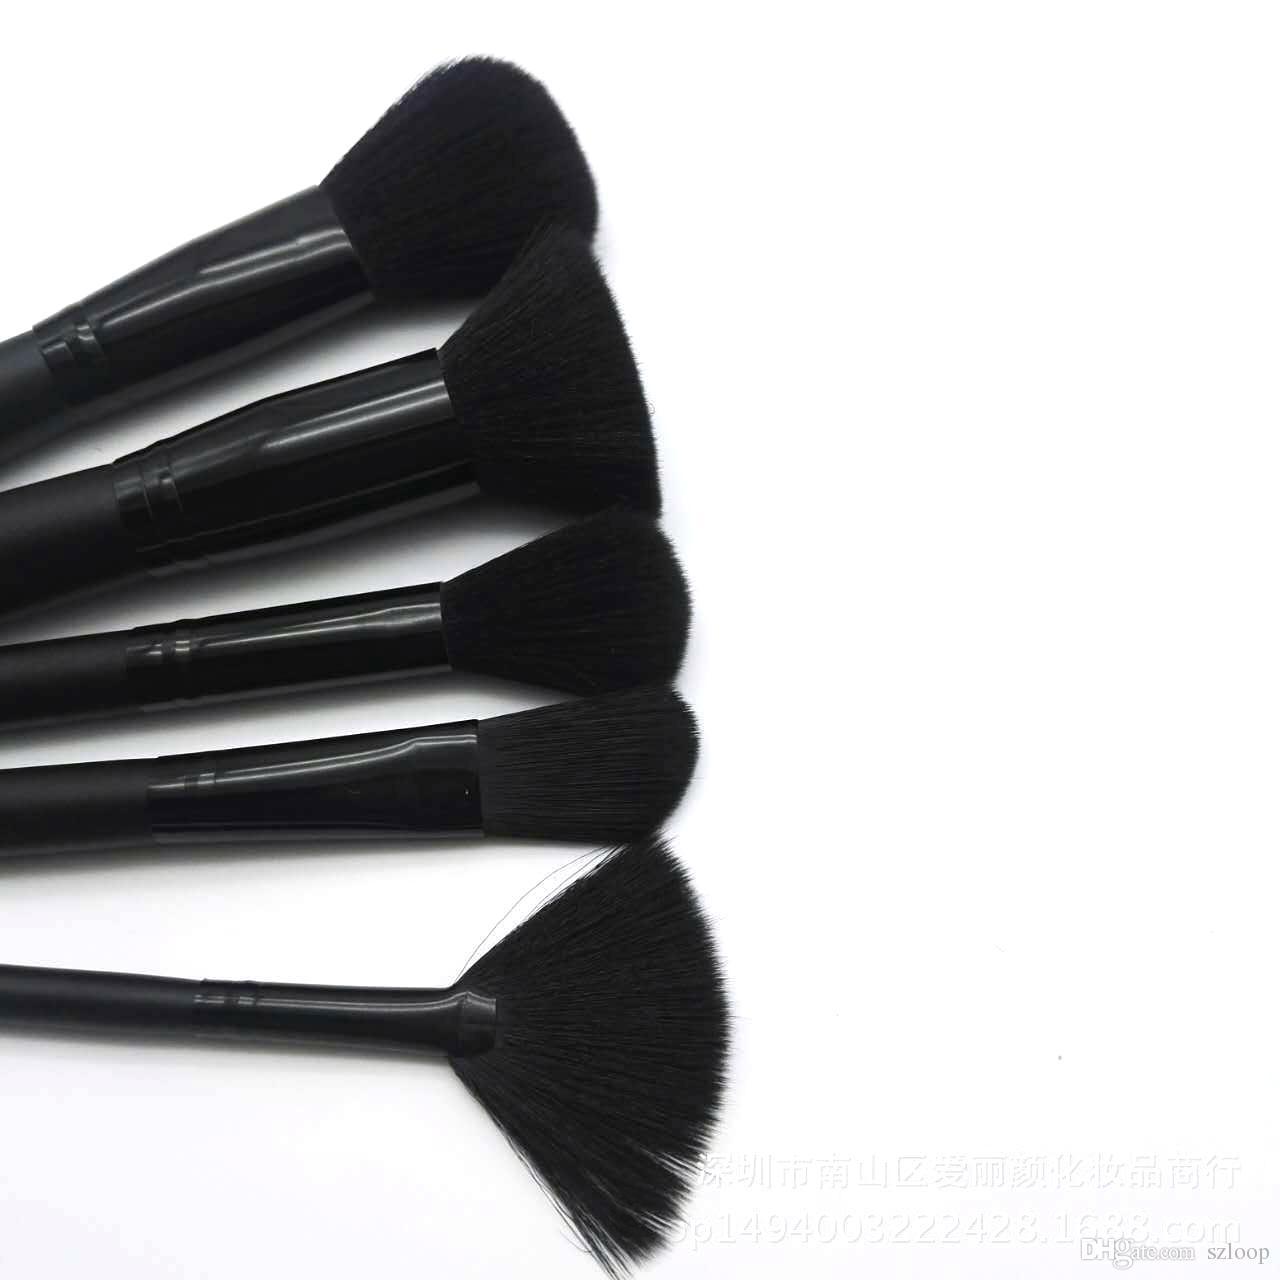 مؤسسة / مجموعة ELF بنية فرشاة مجموعة كريم الوجه السلطة فرش متعددة الأغراض أداة الجمال مستحضرات التجميل مجموعة فرش 3001085